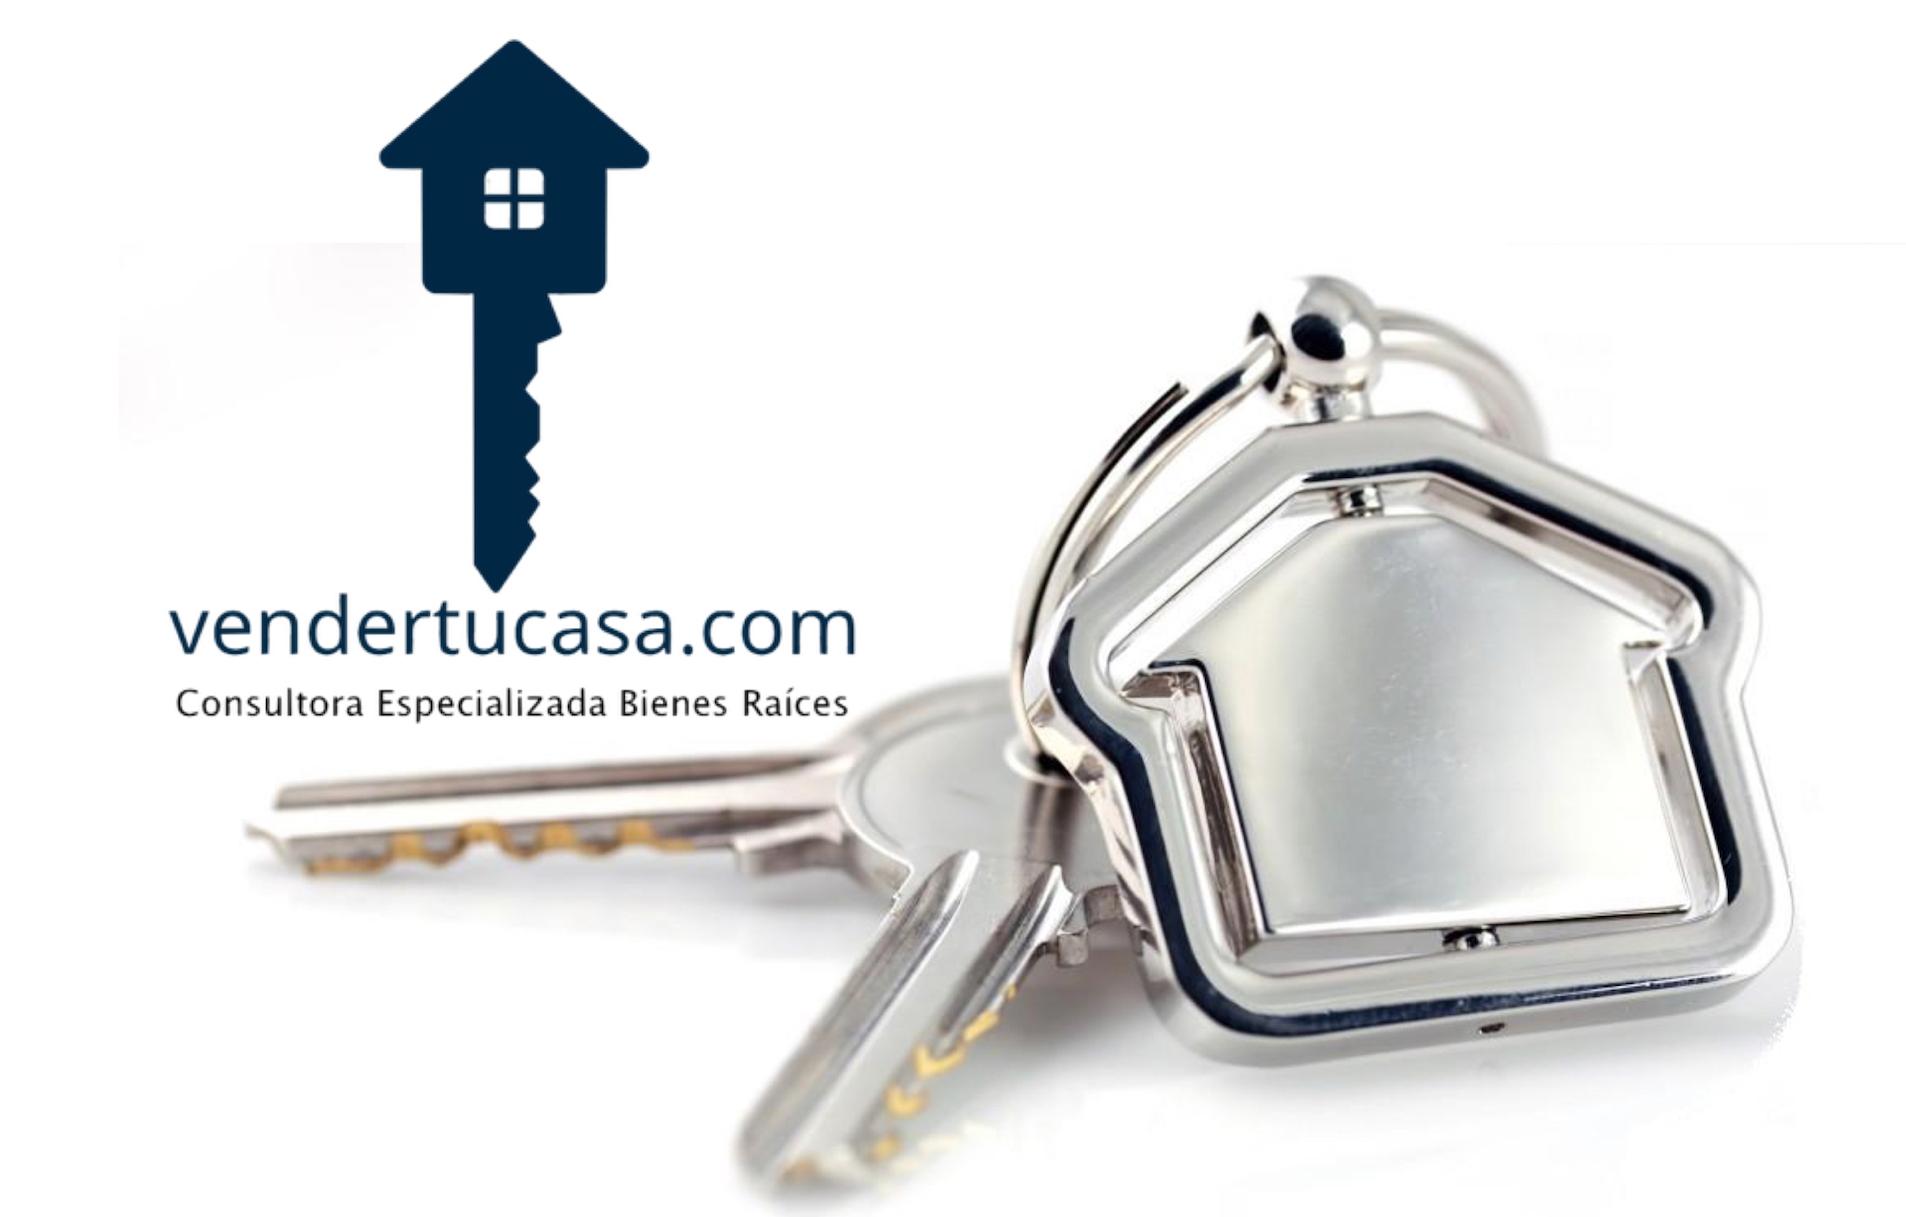 vendertucasa.com